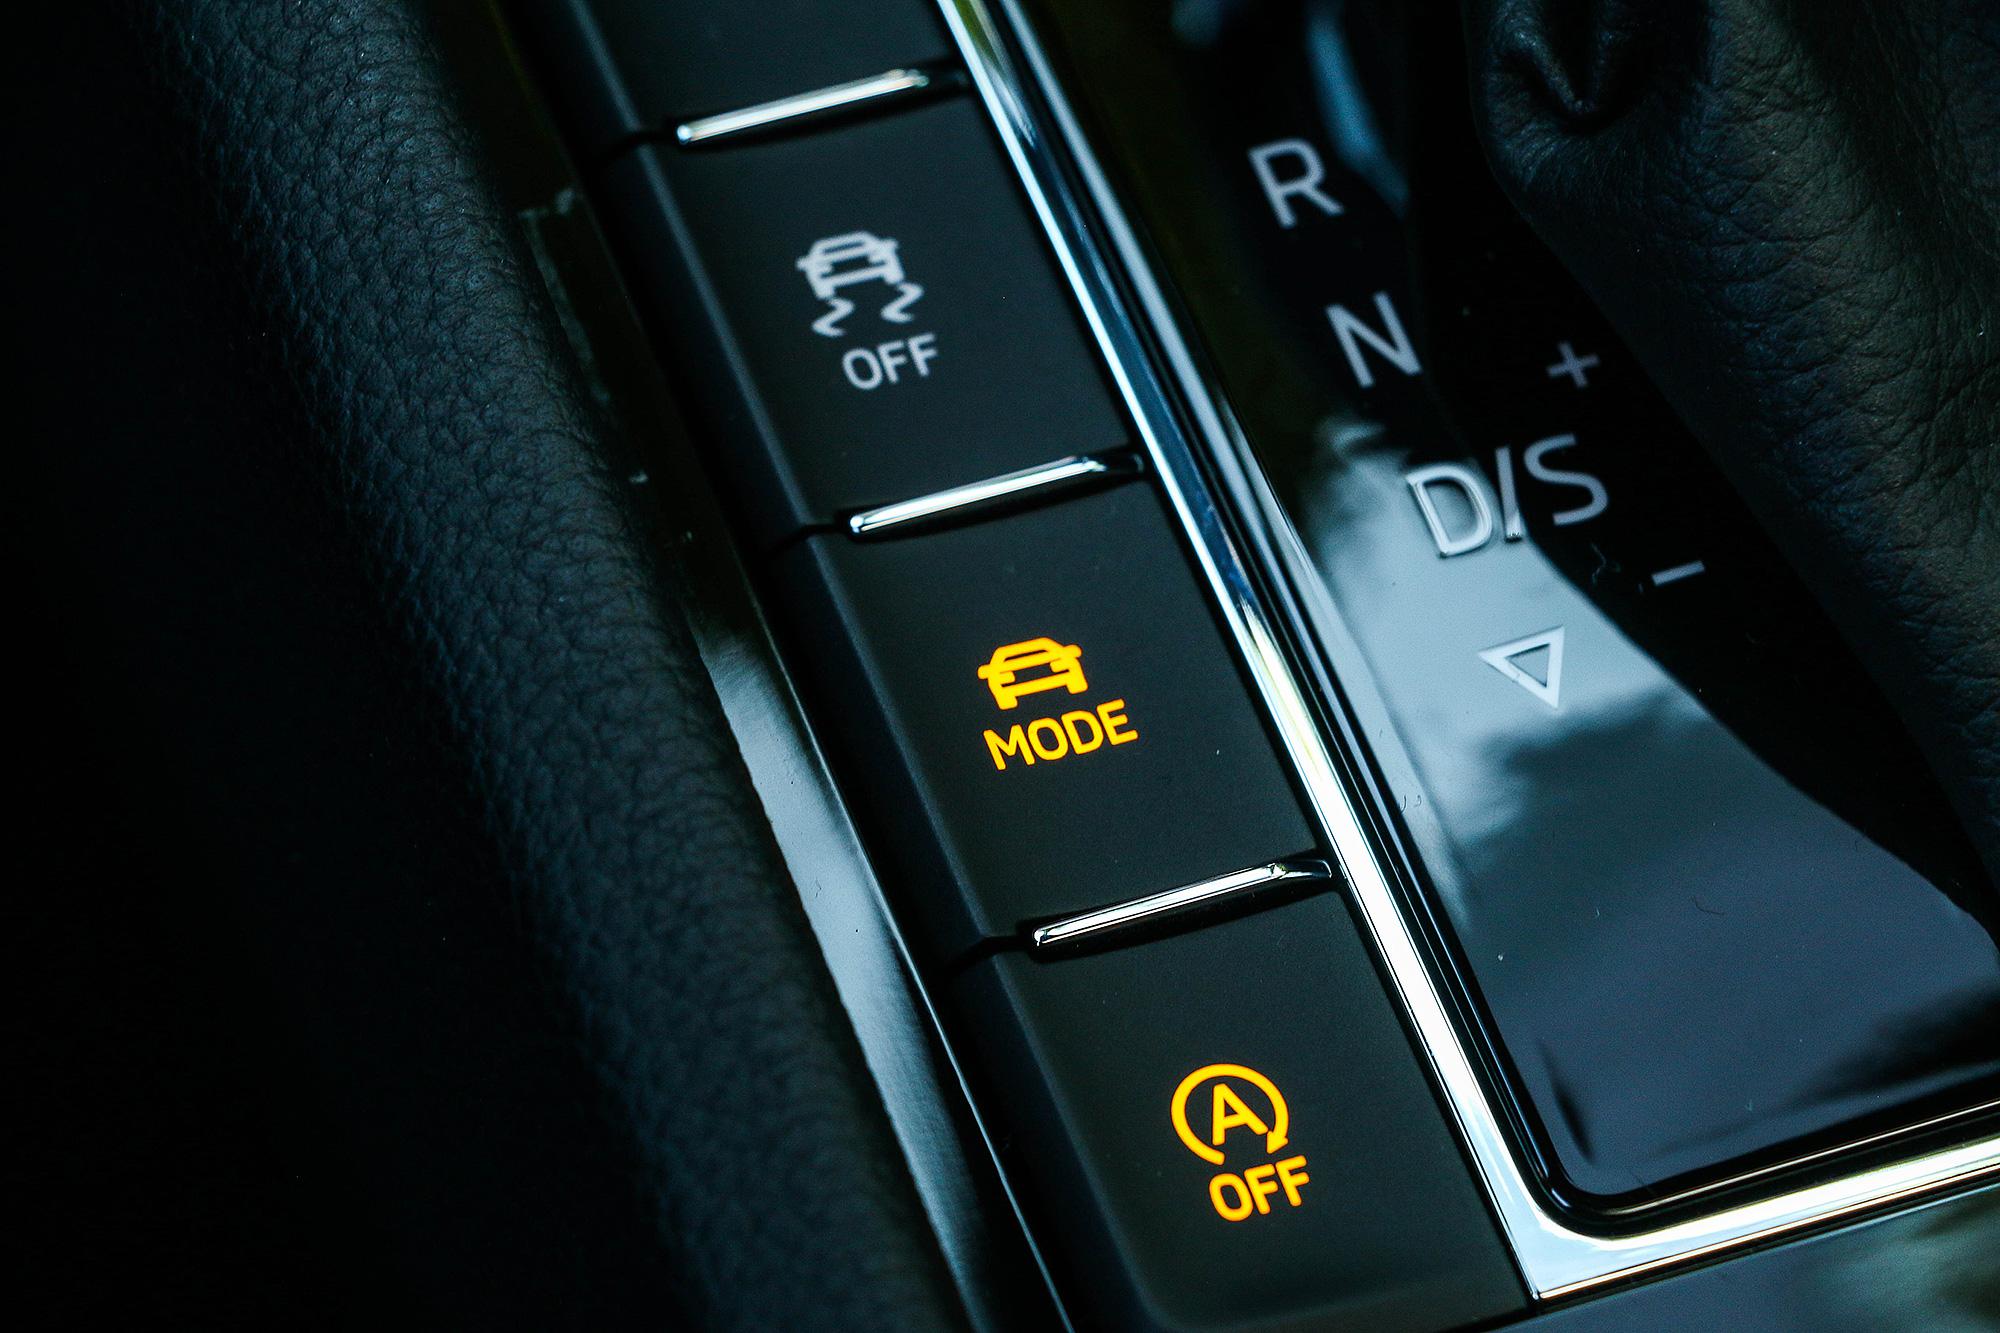 駕駛模式選擇系統與 DCC 主動式懸吊系統也是試駕車所擁有的配備。